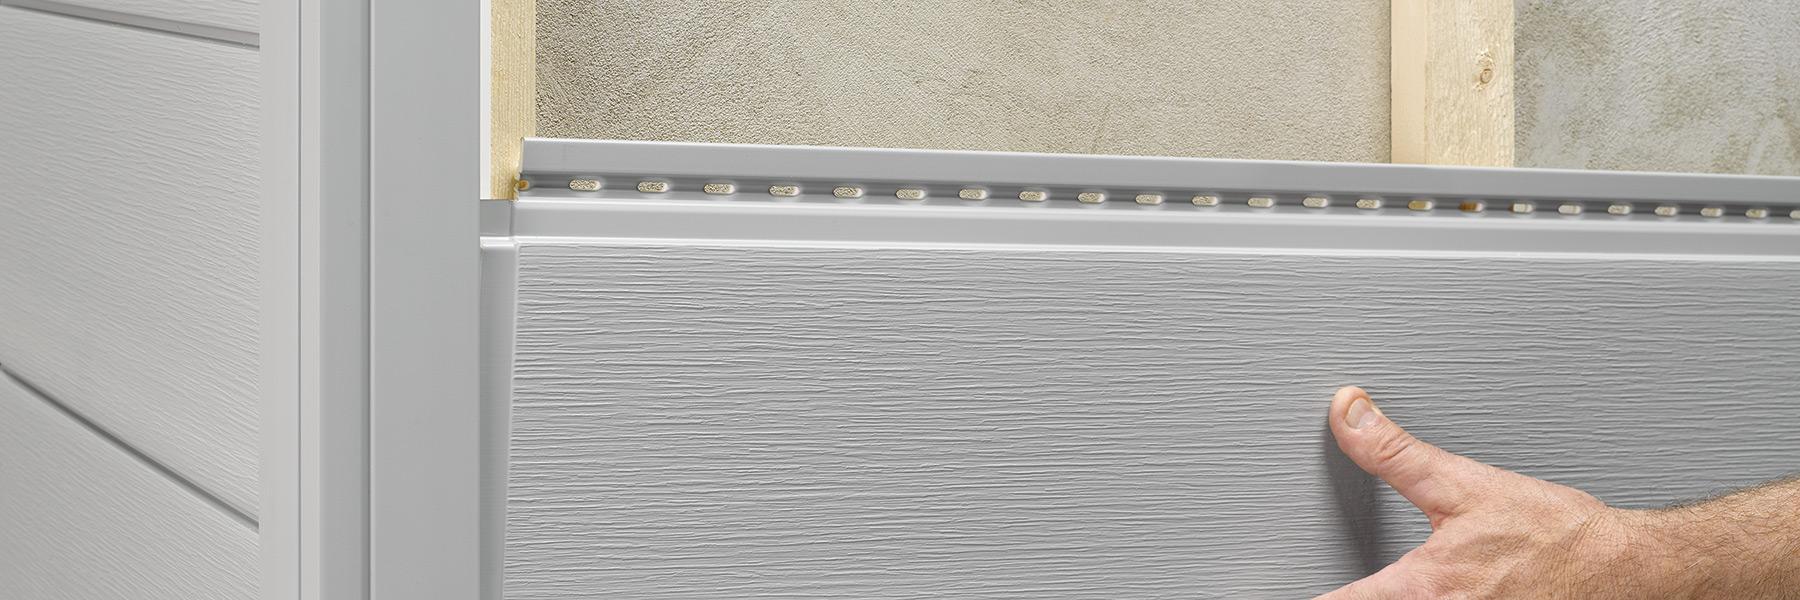 Hervorragend Endbearbeitung PVC-Paneele - Zubehör - Spritzkleber - Profile PX15